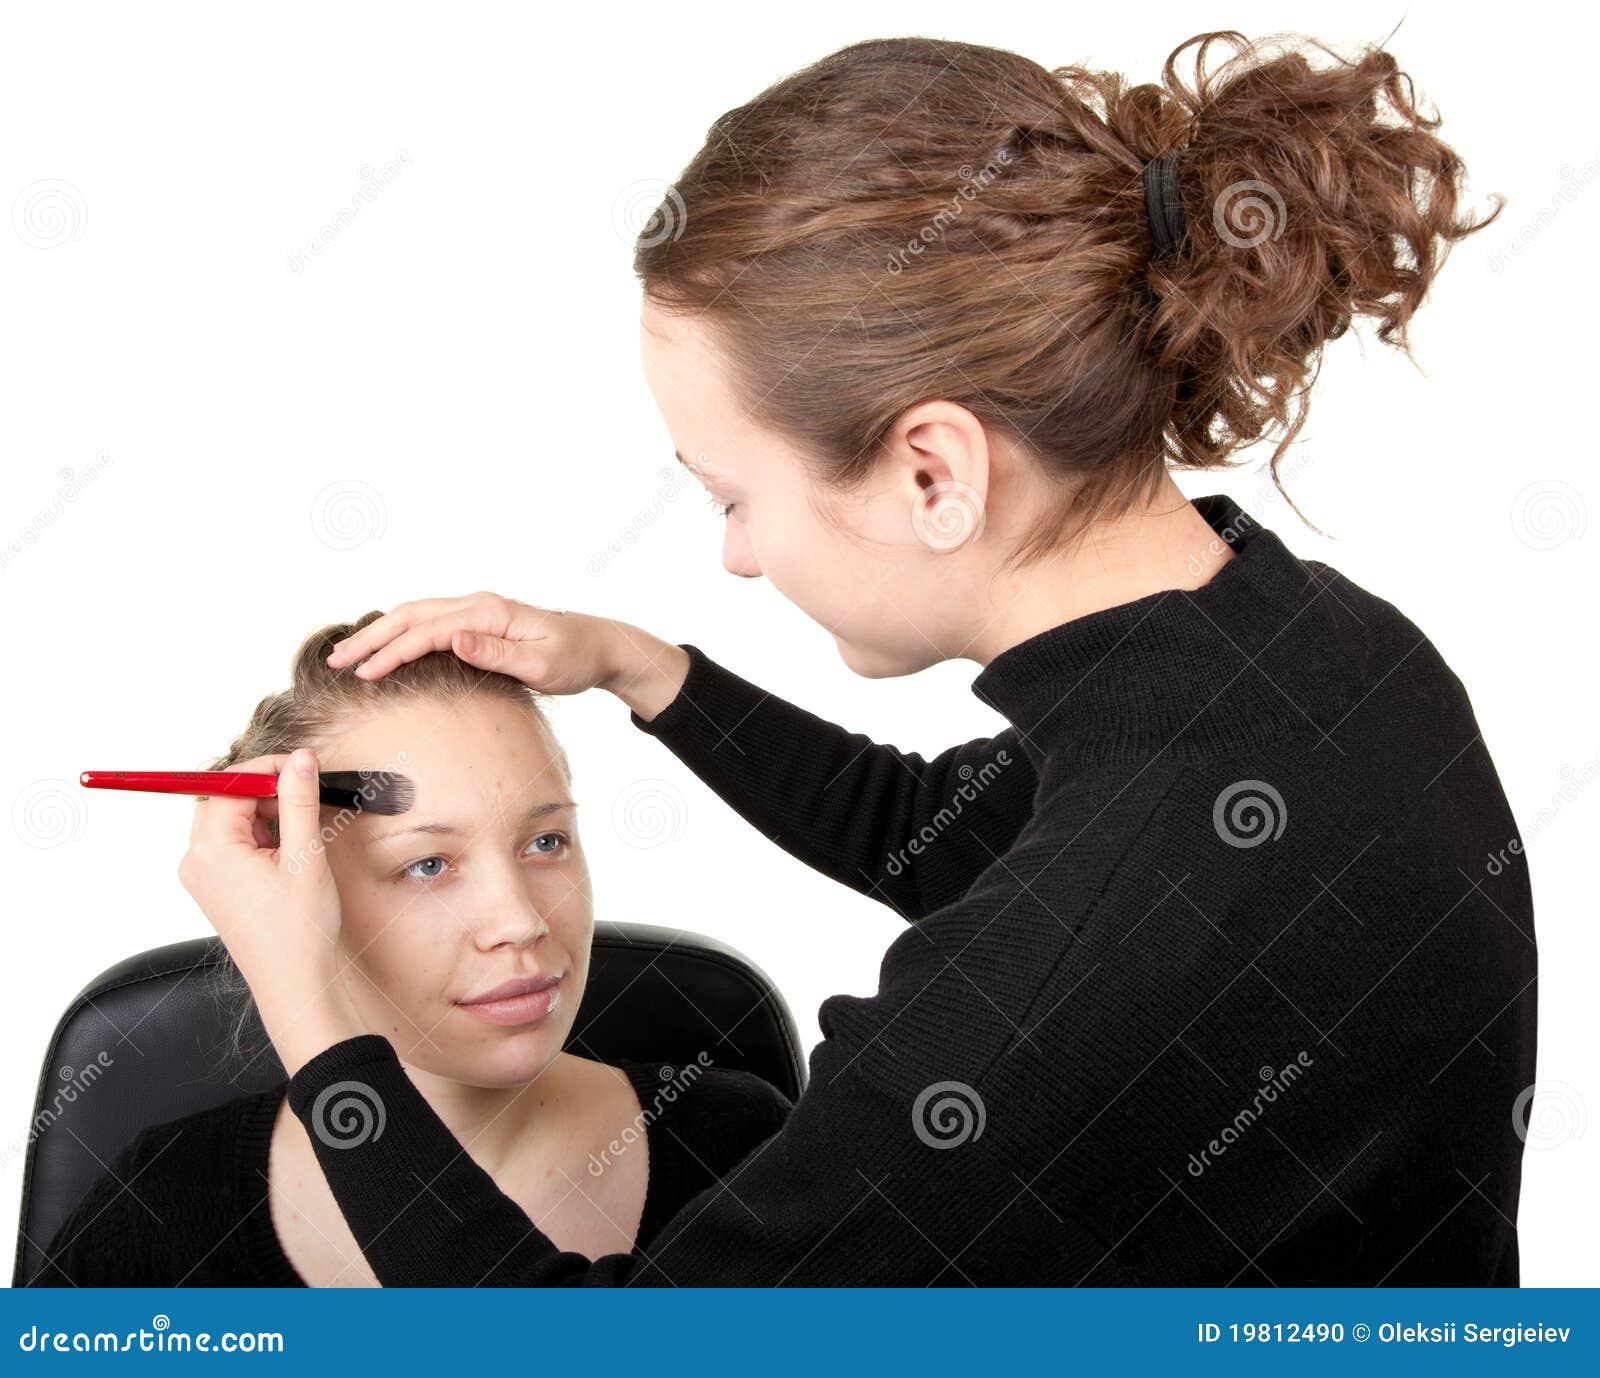 Makeup Process Shot 18 Stock Photo - Image: 19812490